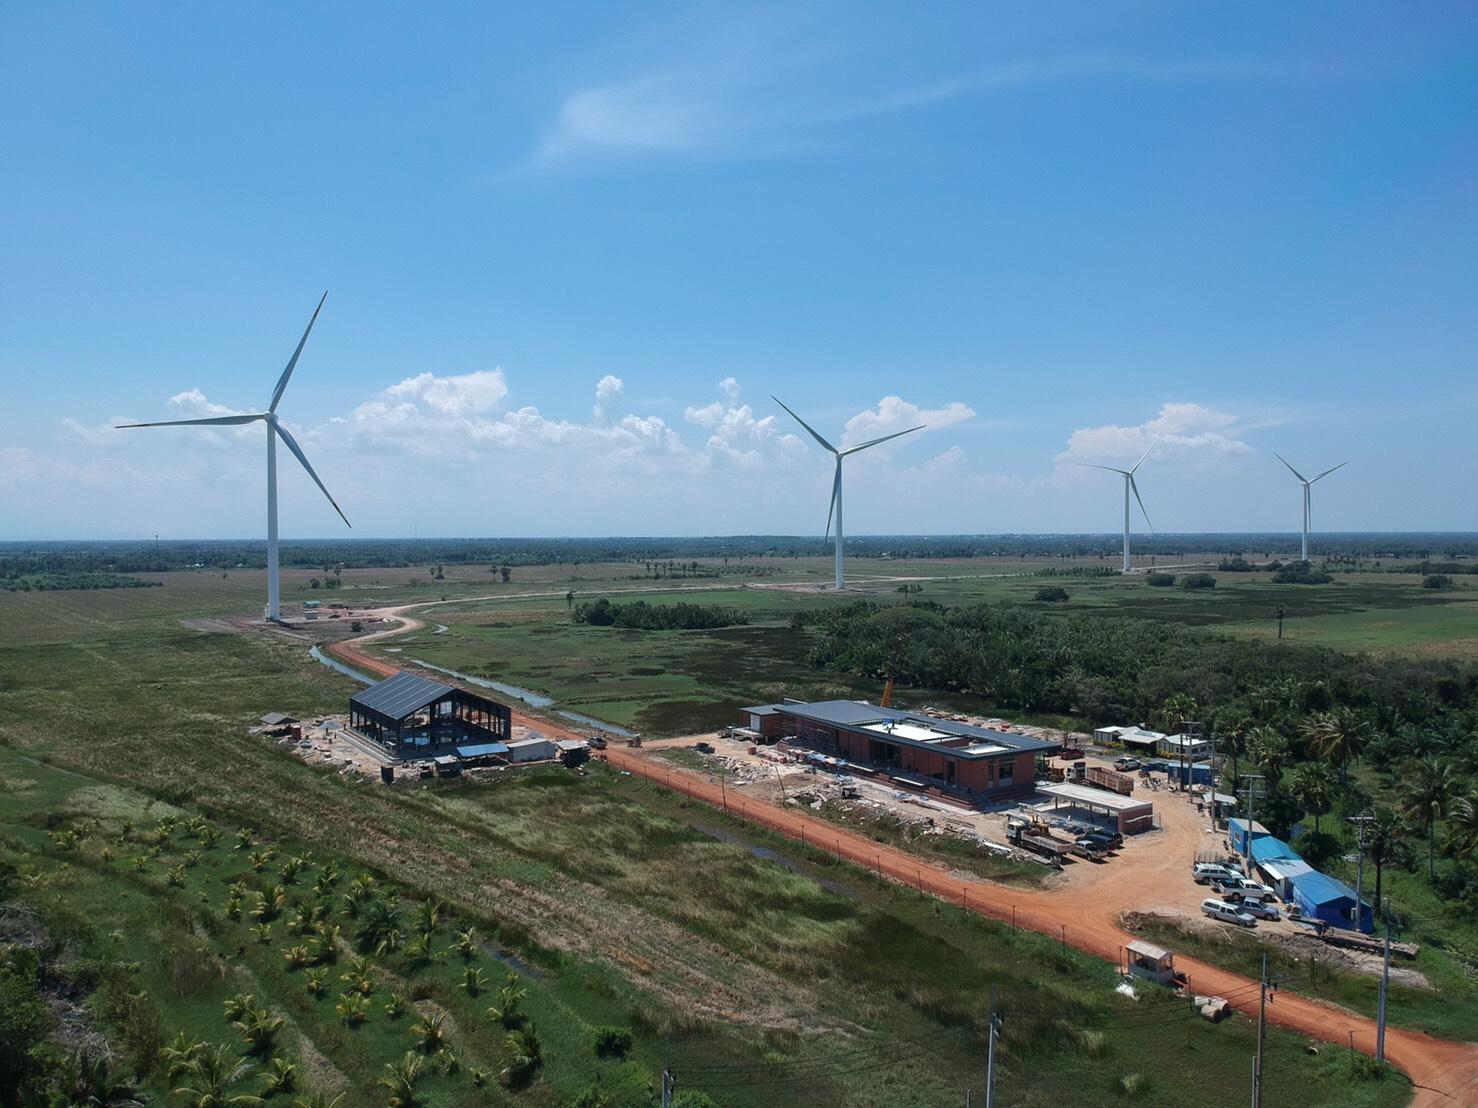 บีซีพีจีเผยโครงการลิกอร์จ่ายไฟแล้ว จ่อลงทุนโรงไฟฟ้าลมเพิ่มสรุป2-3ด.